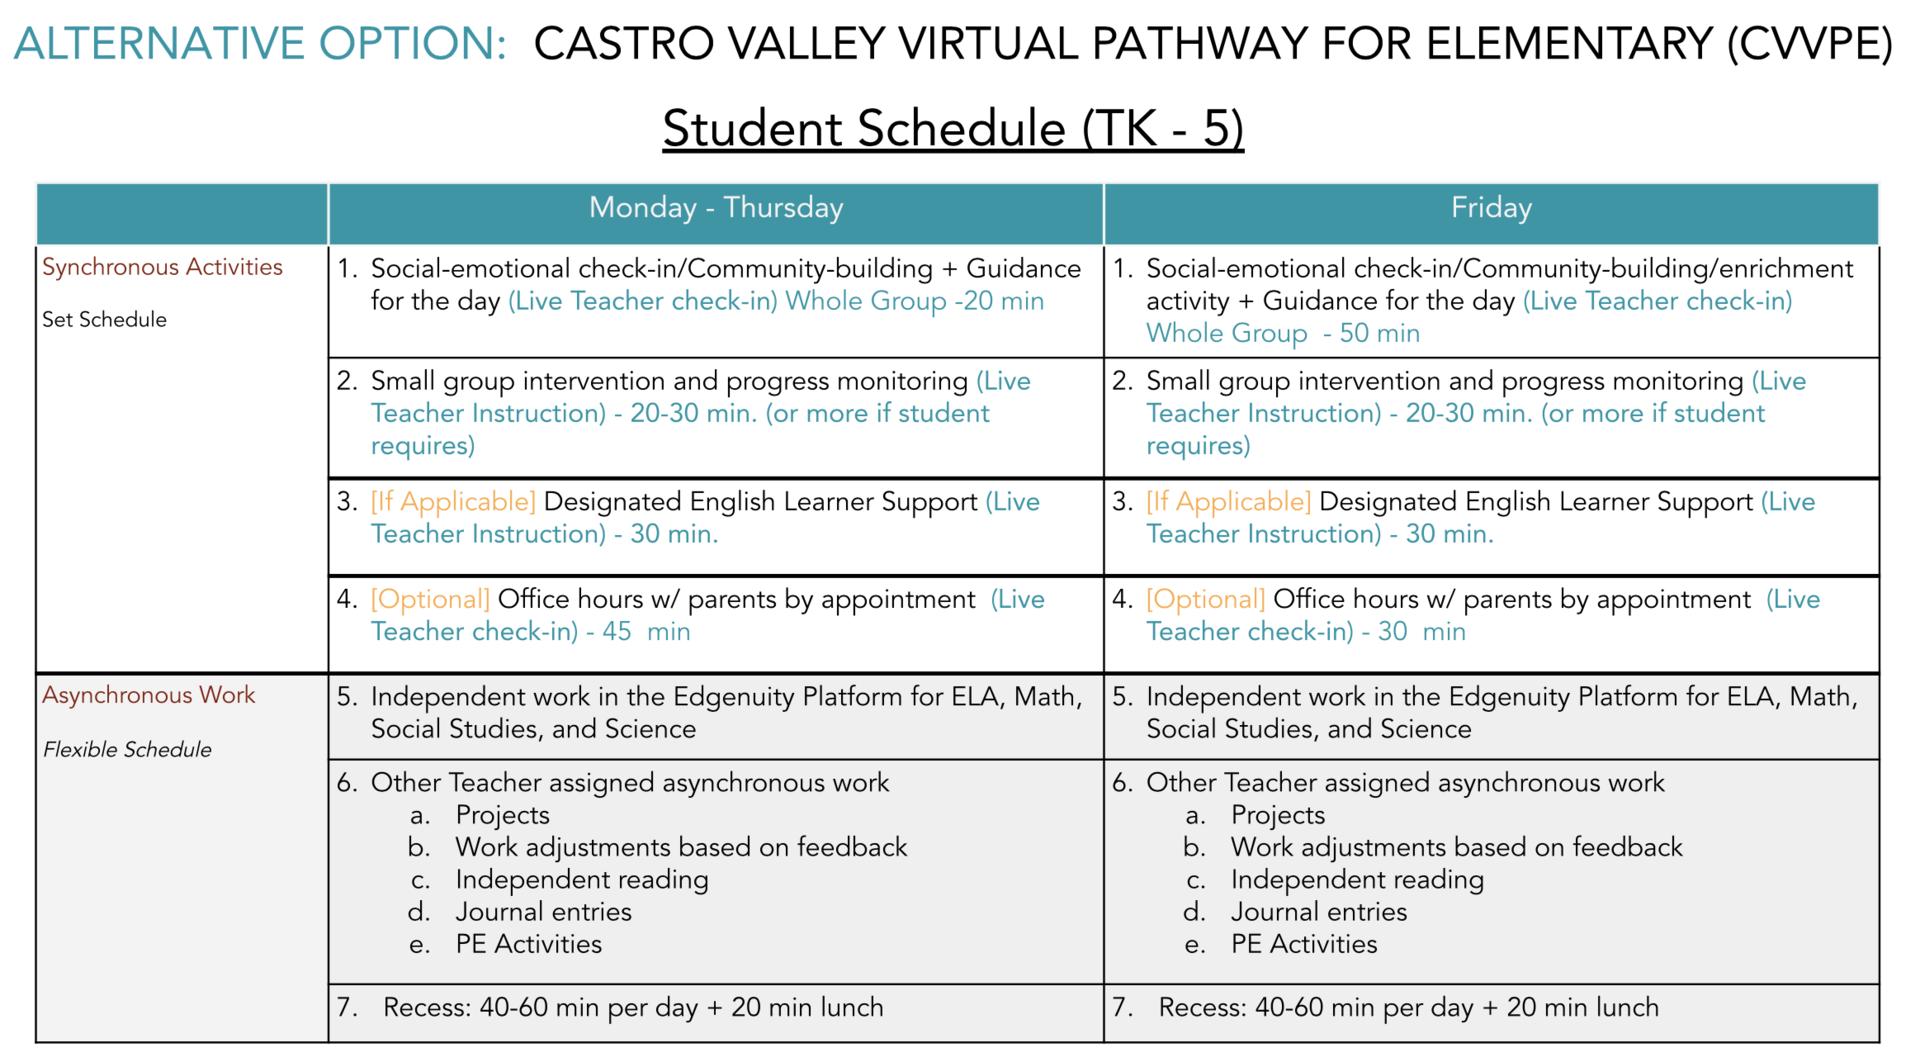 CVVPE Schedule 2020/21